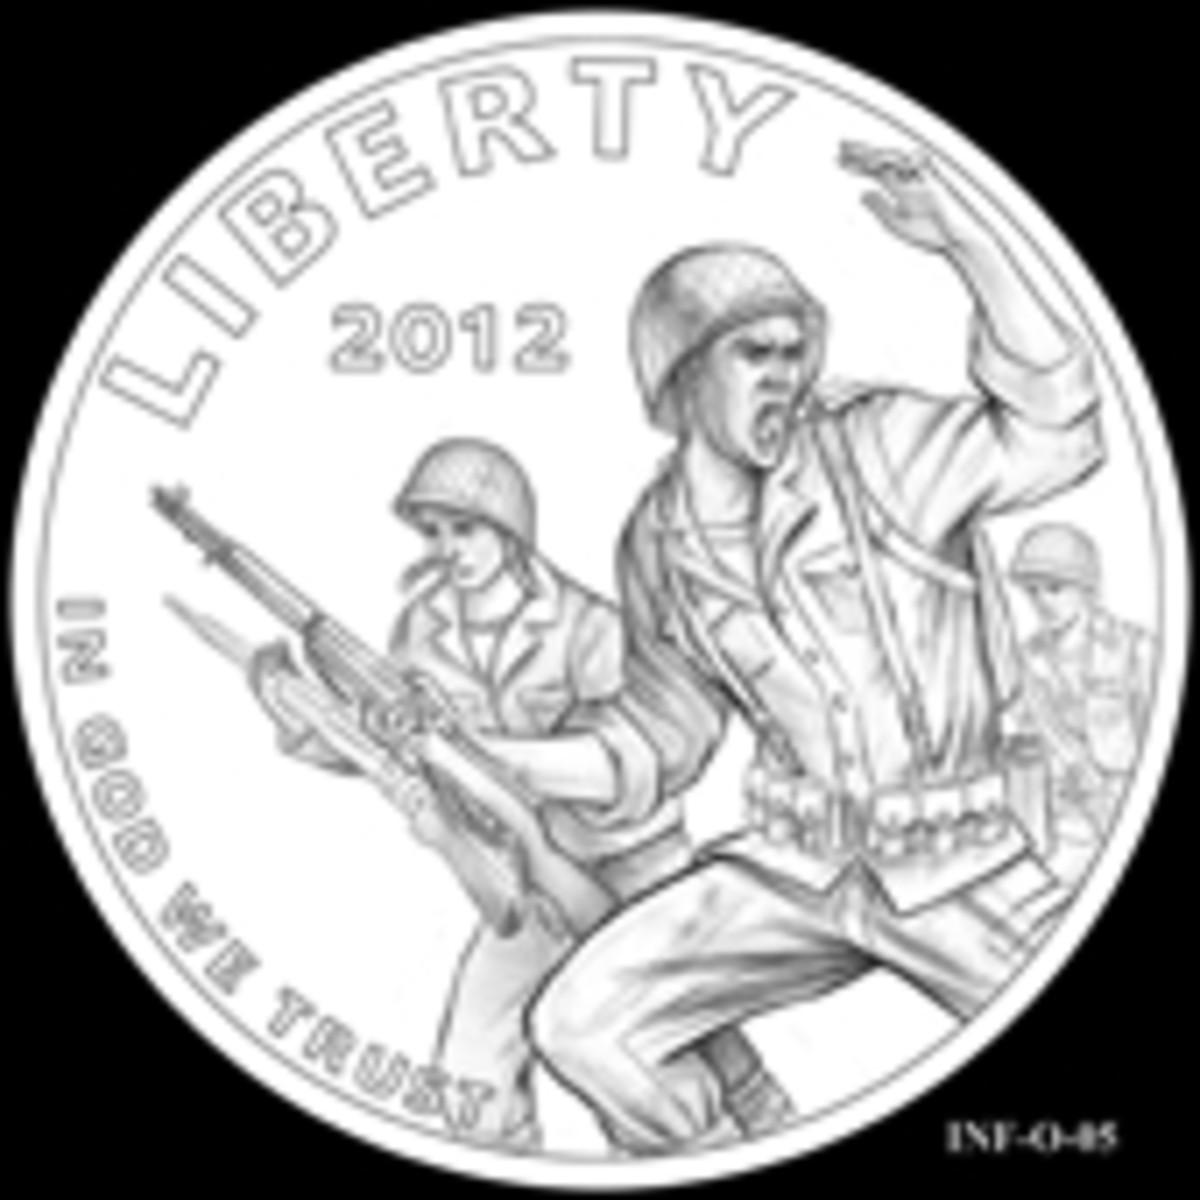 World War II Commemorative Coin